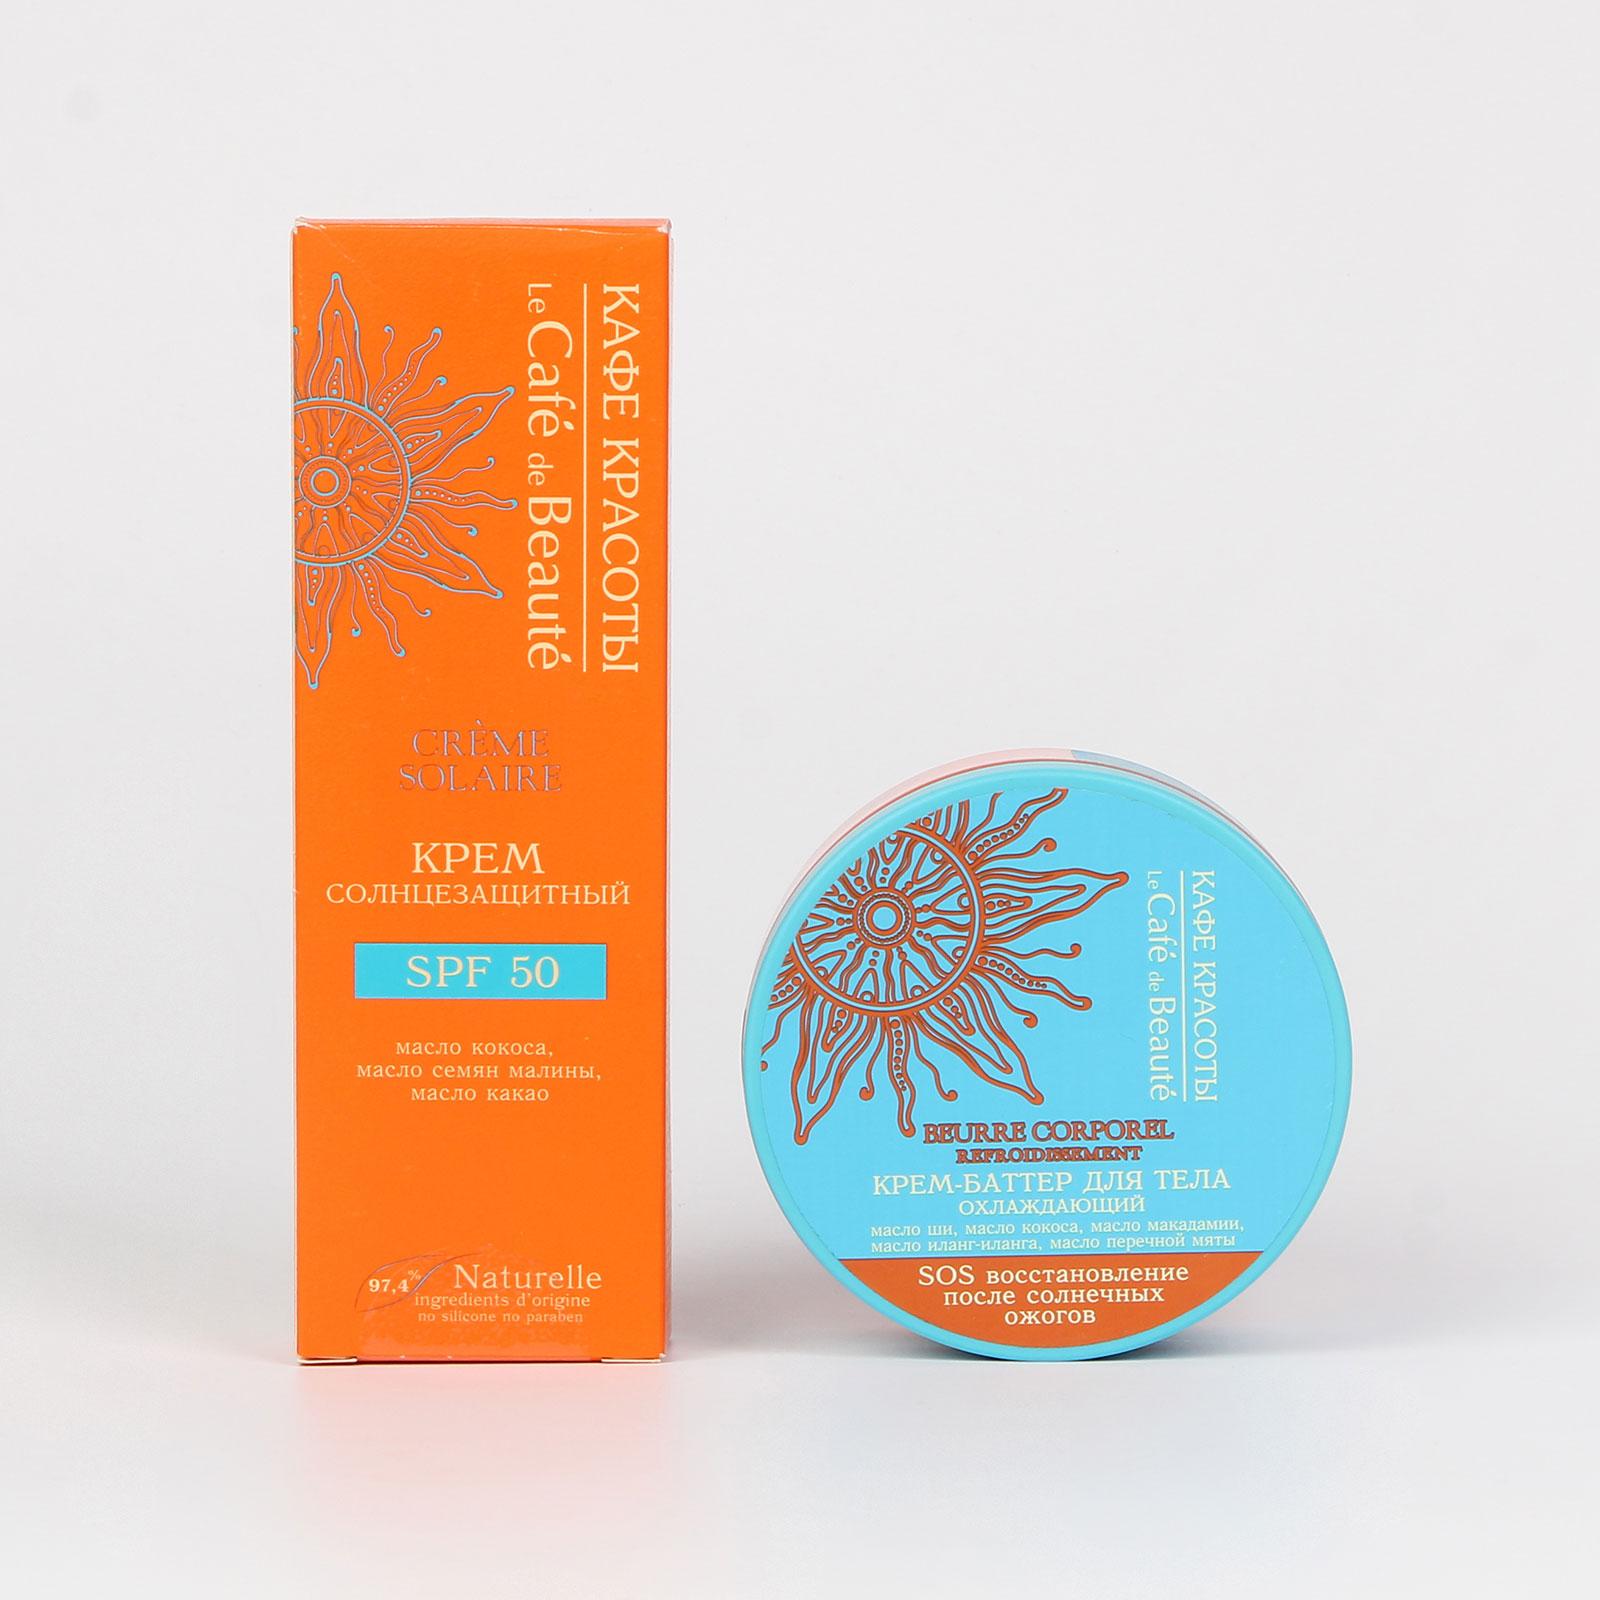 Набор солнцезащитный крем + крем охлаждающий SOS восстановление